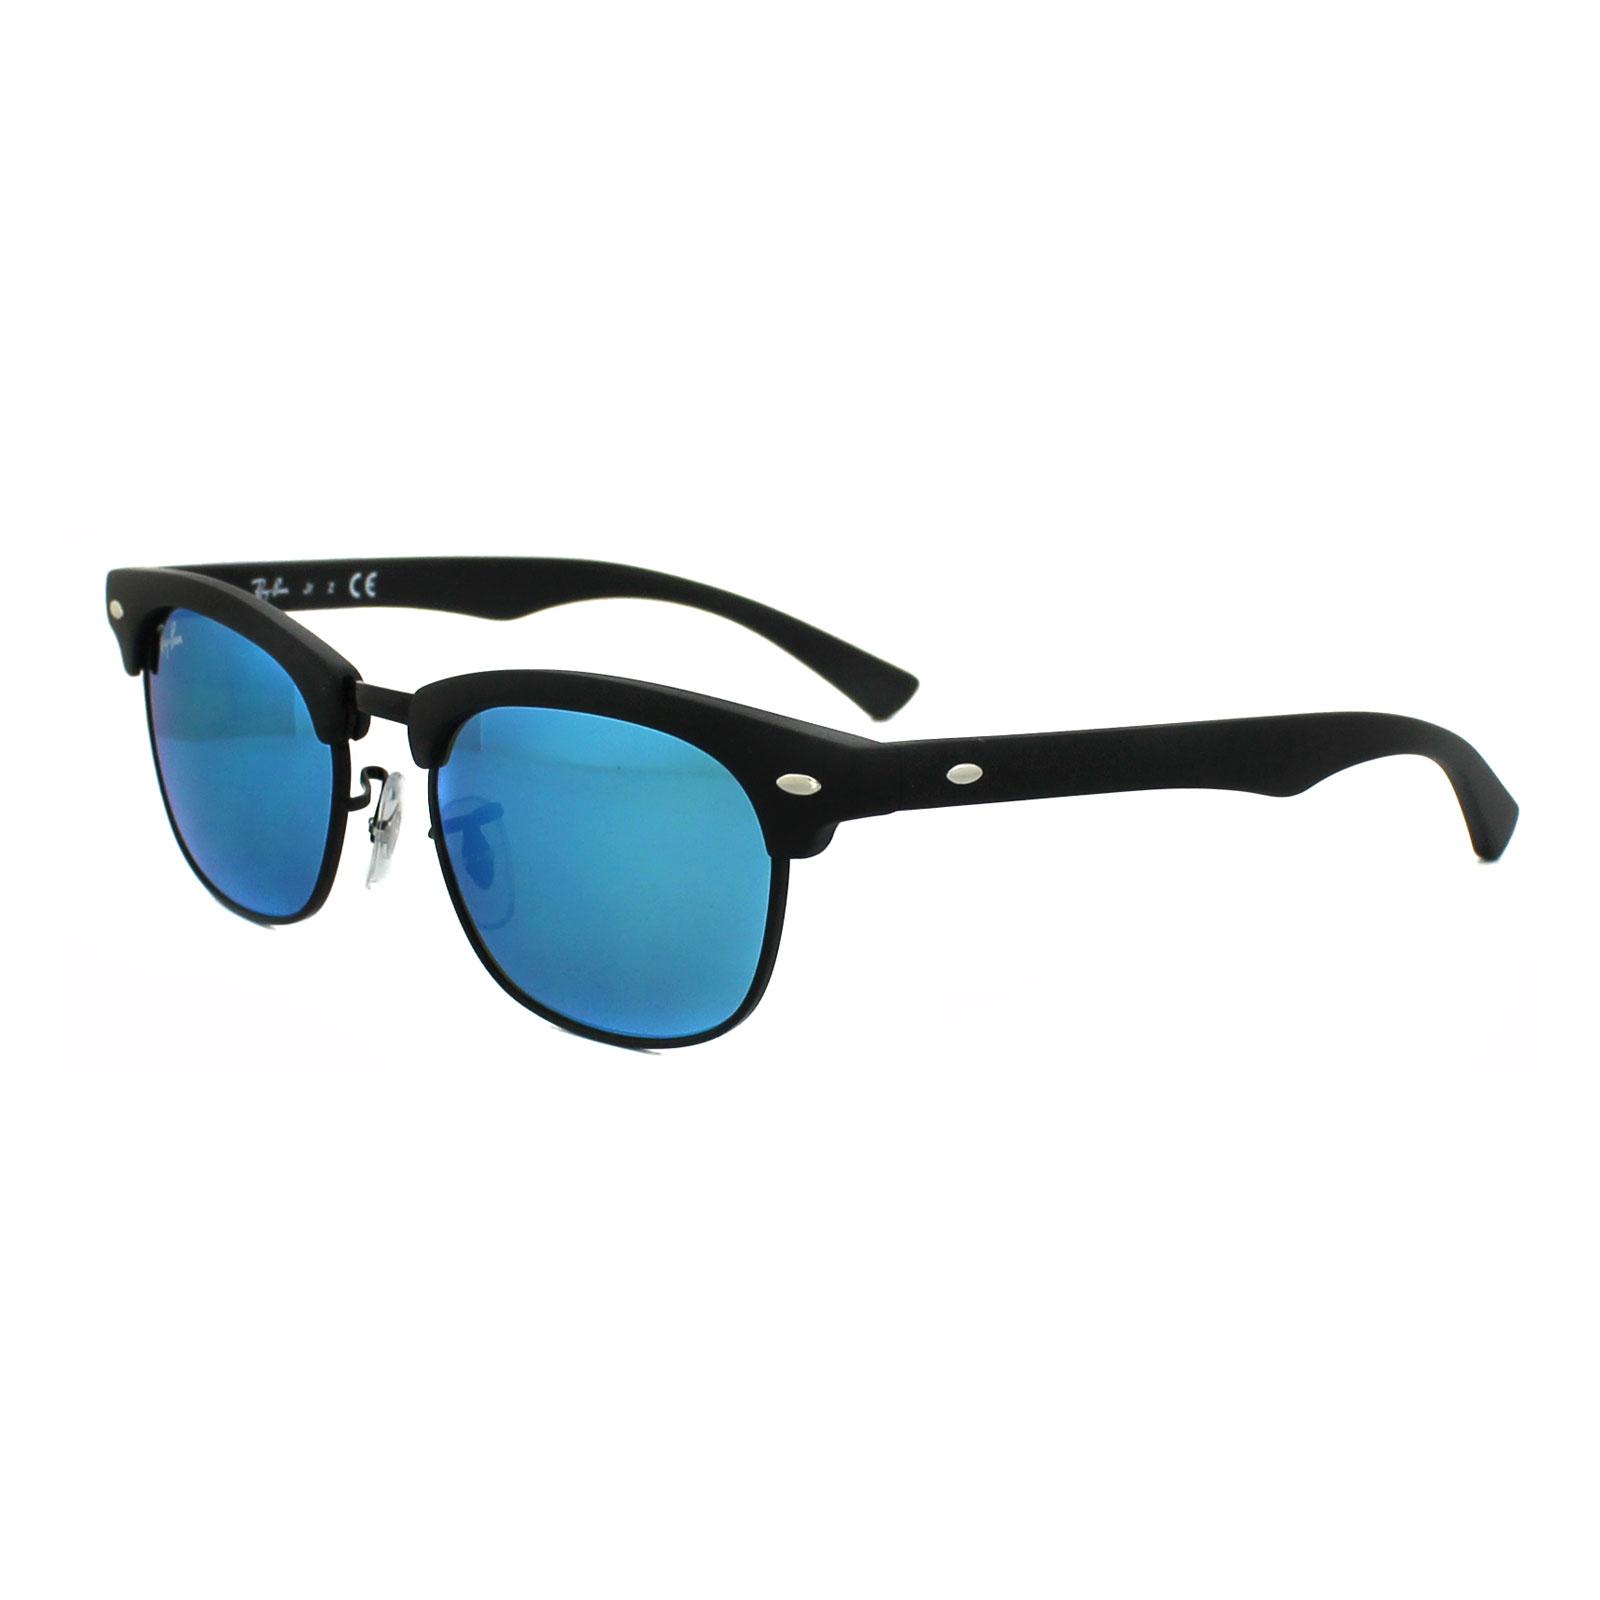 Ray ban junior occhiali da sole 9050 100s55 nero blu flash - Ray ban a specchio blu ...